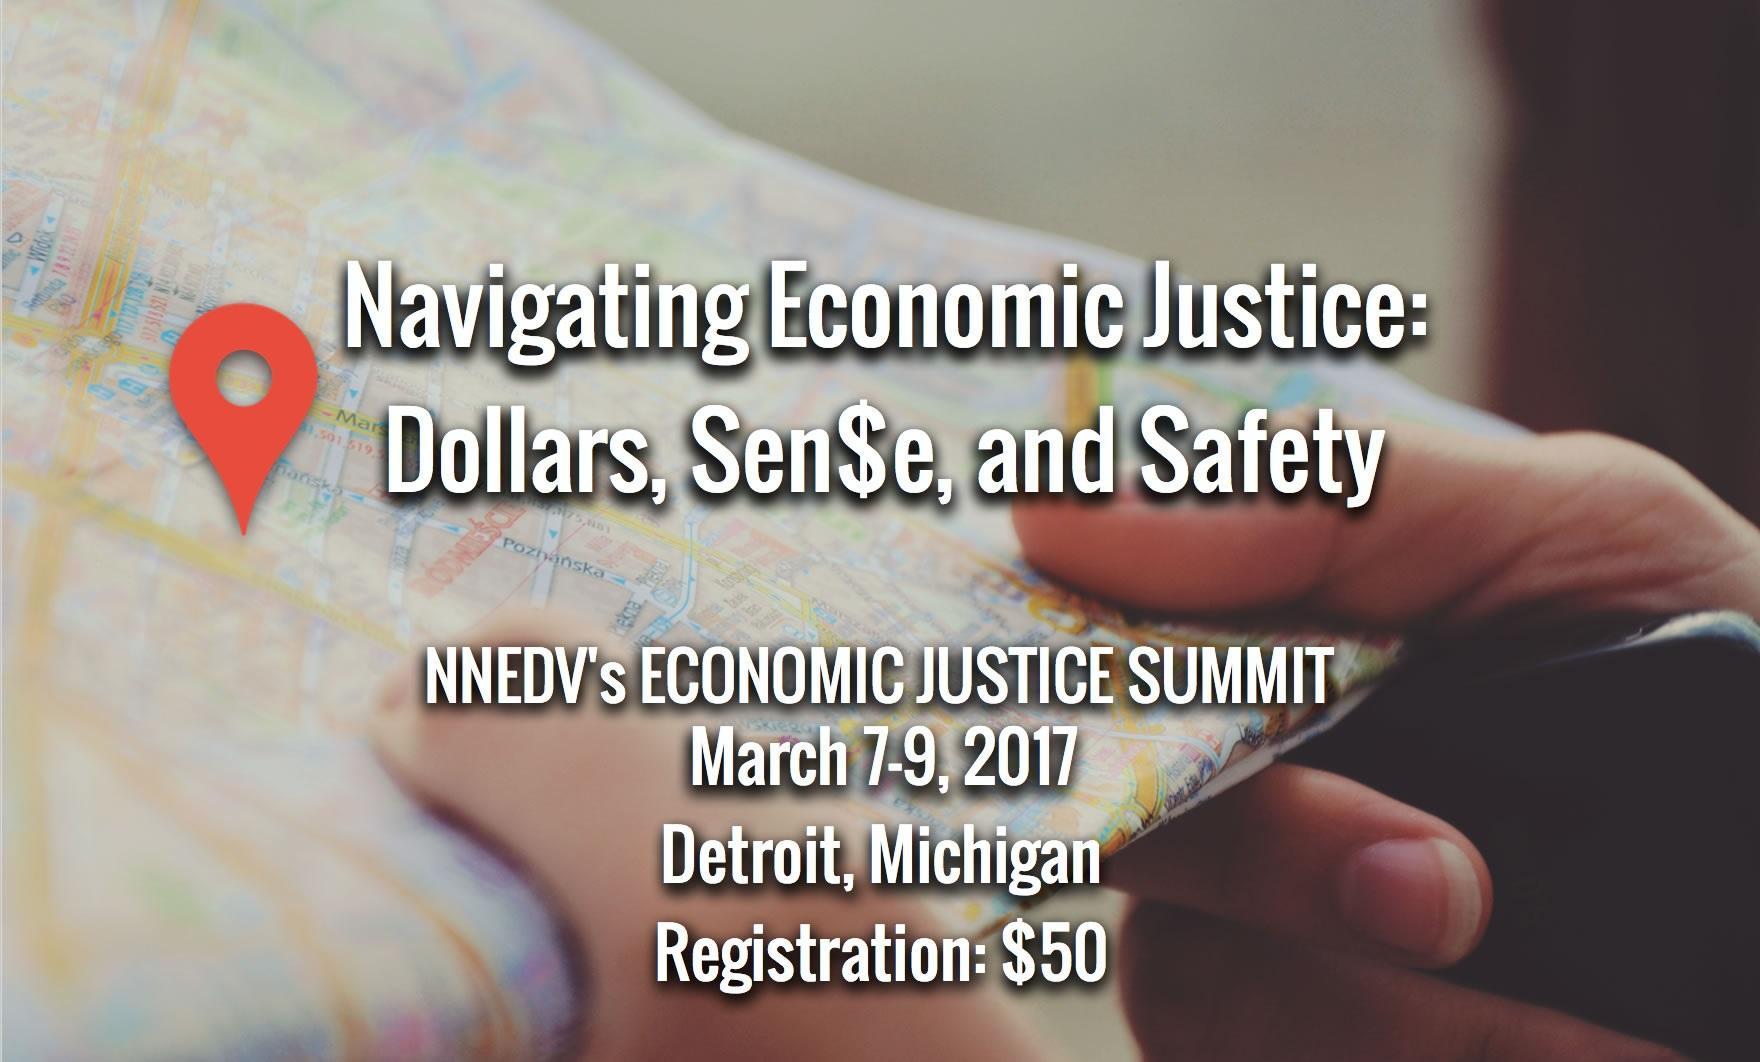 economic justice summit downtown detroit courtyard marriott  economic justice summit